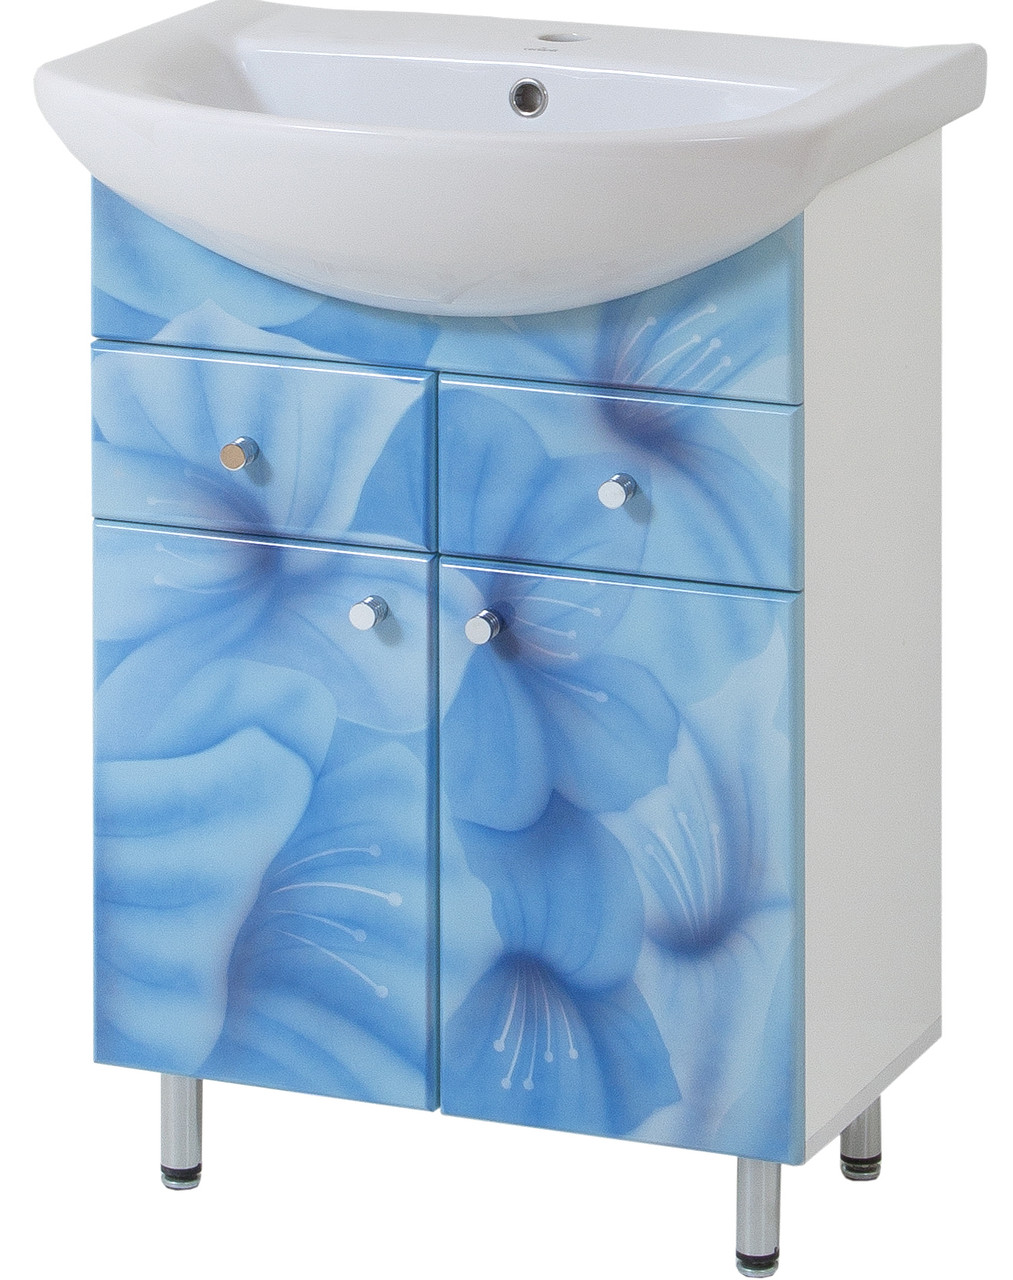 Тумба под раковину для ванной комнаты Аэрография 60-09 с умывальником Либра  Голубые цветы